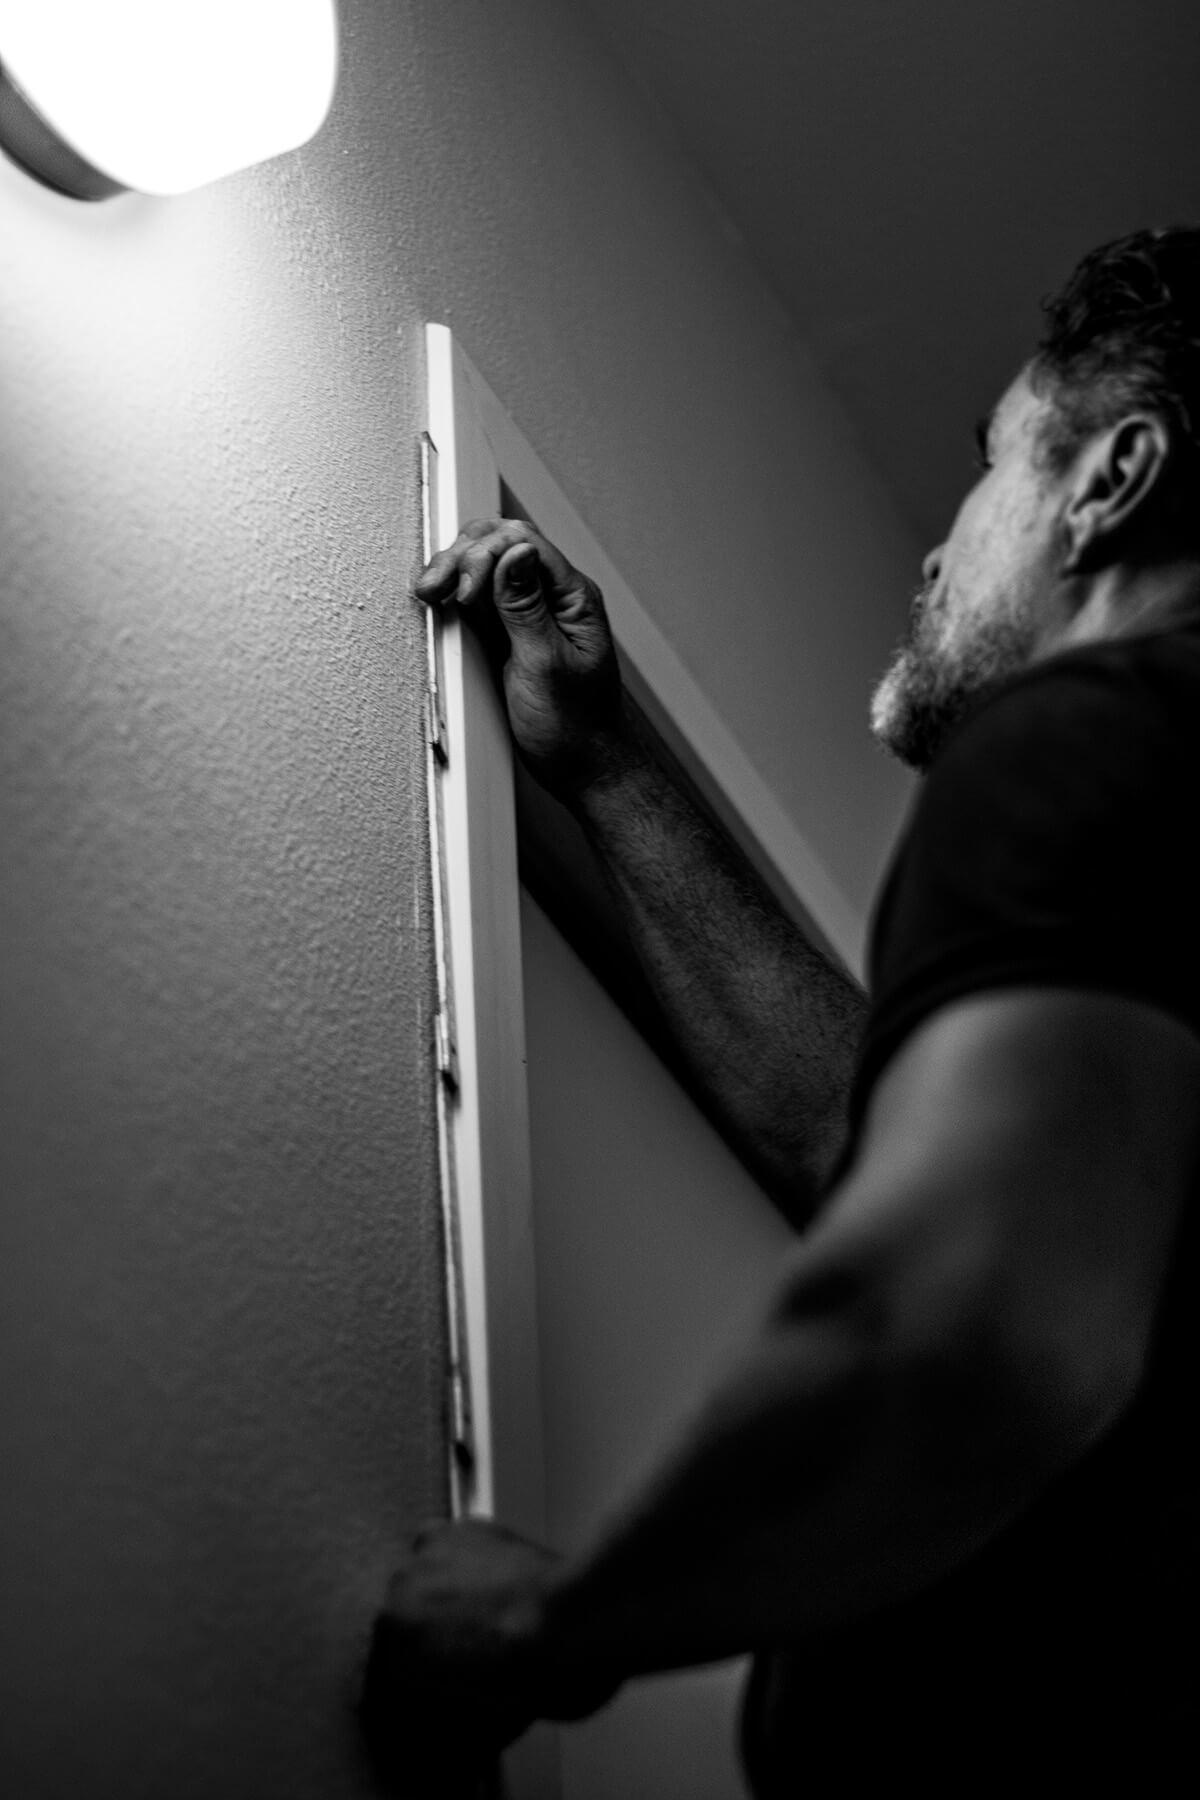 Zaakvoerder doet precisiemeting met uitvouwbare meetlat tegen een deurlijst (zwart-wit).